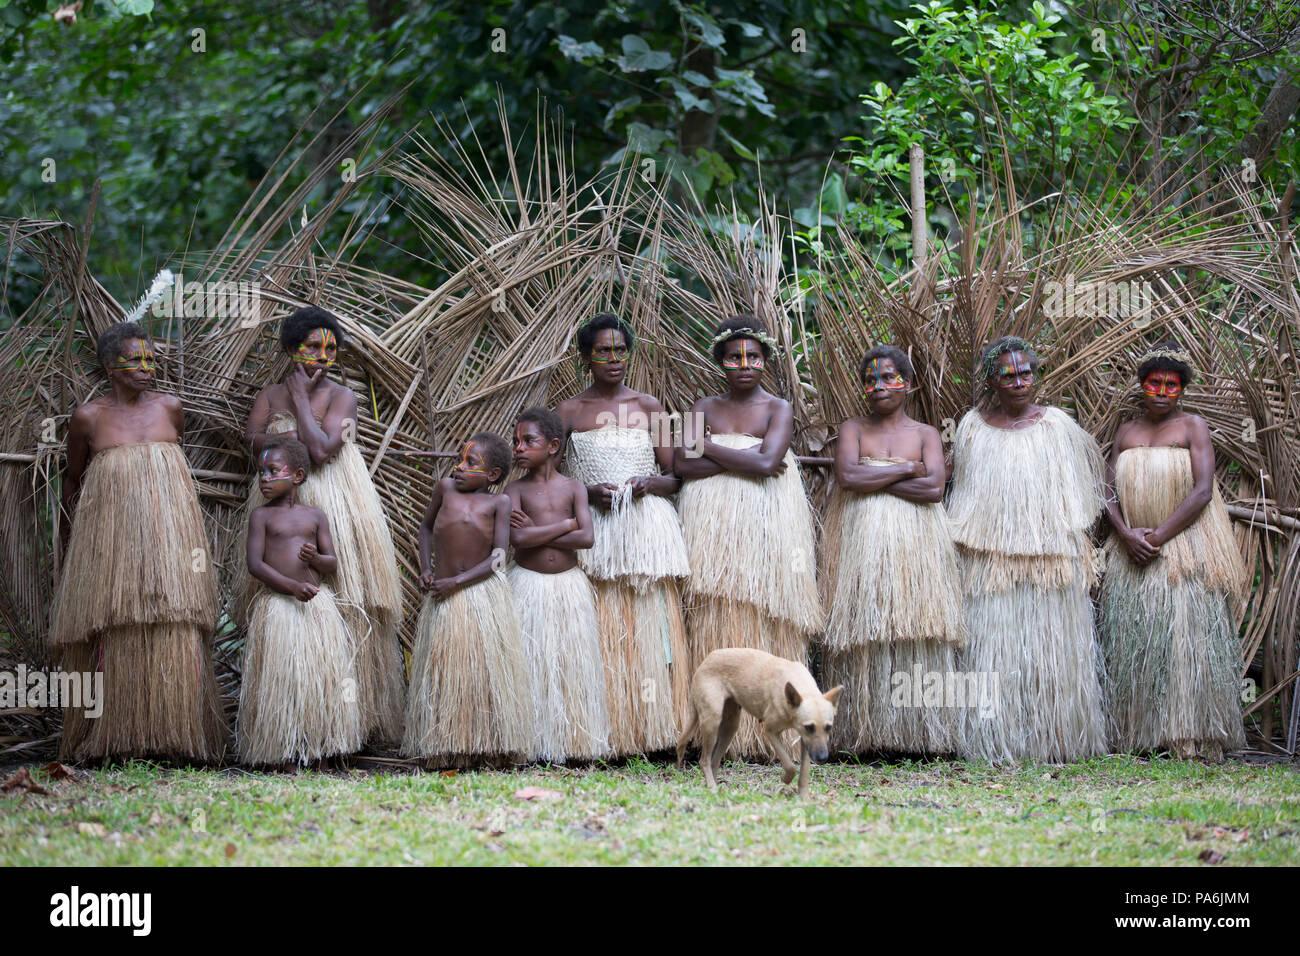 Einheimische in traditionellen Trachten, Tanna, Vanuatu Stockbild